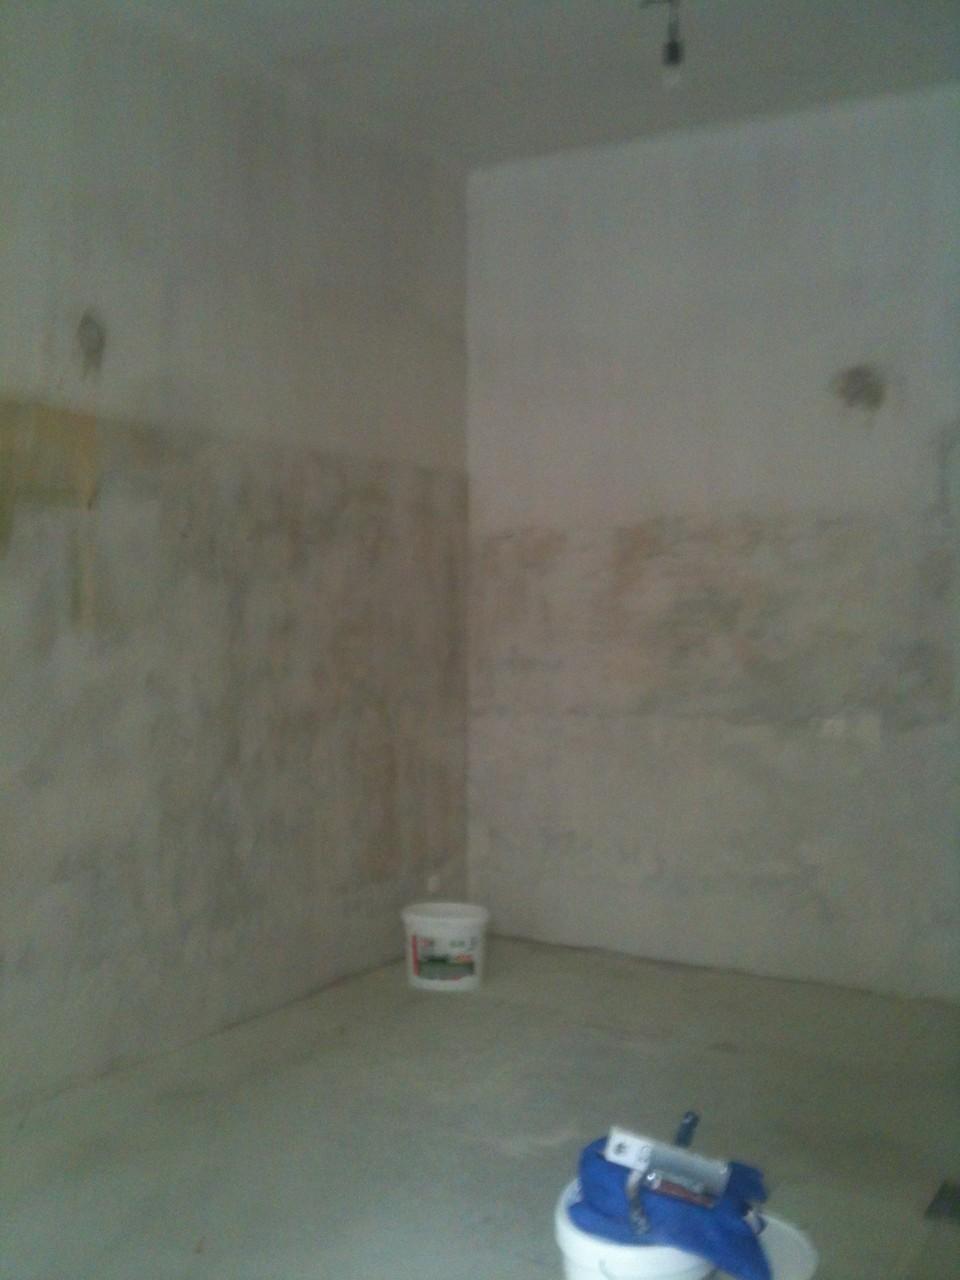 Altbeschichtung restlos entfernen, Wände und Decke spachteln, zweifärbig beschichten, PVC Linoleumboden herstellen